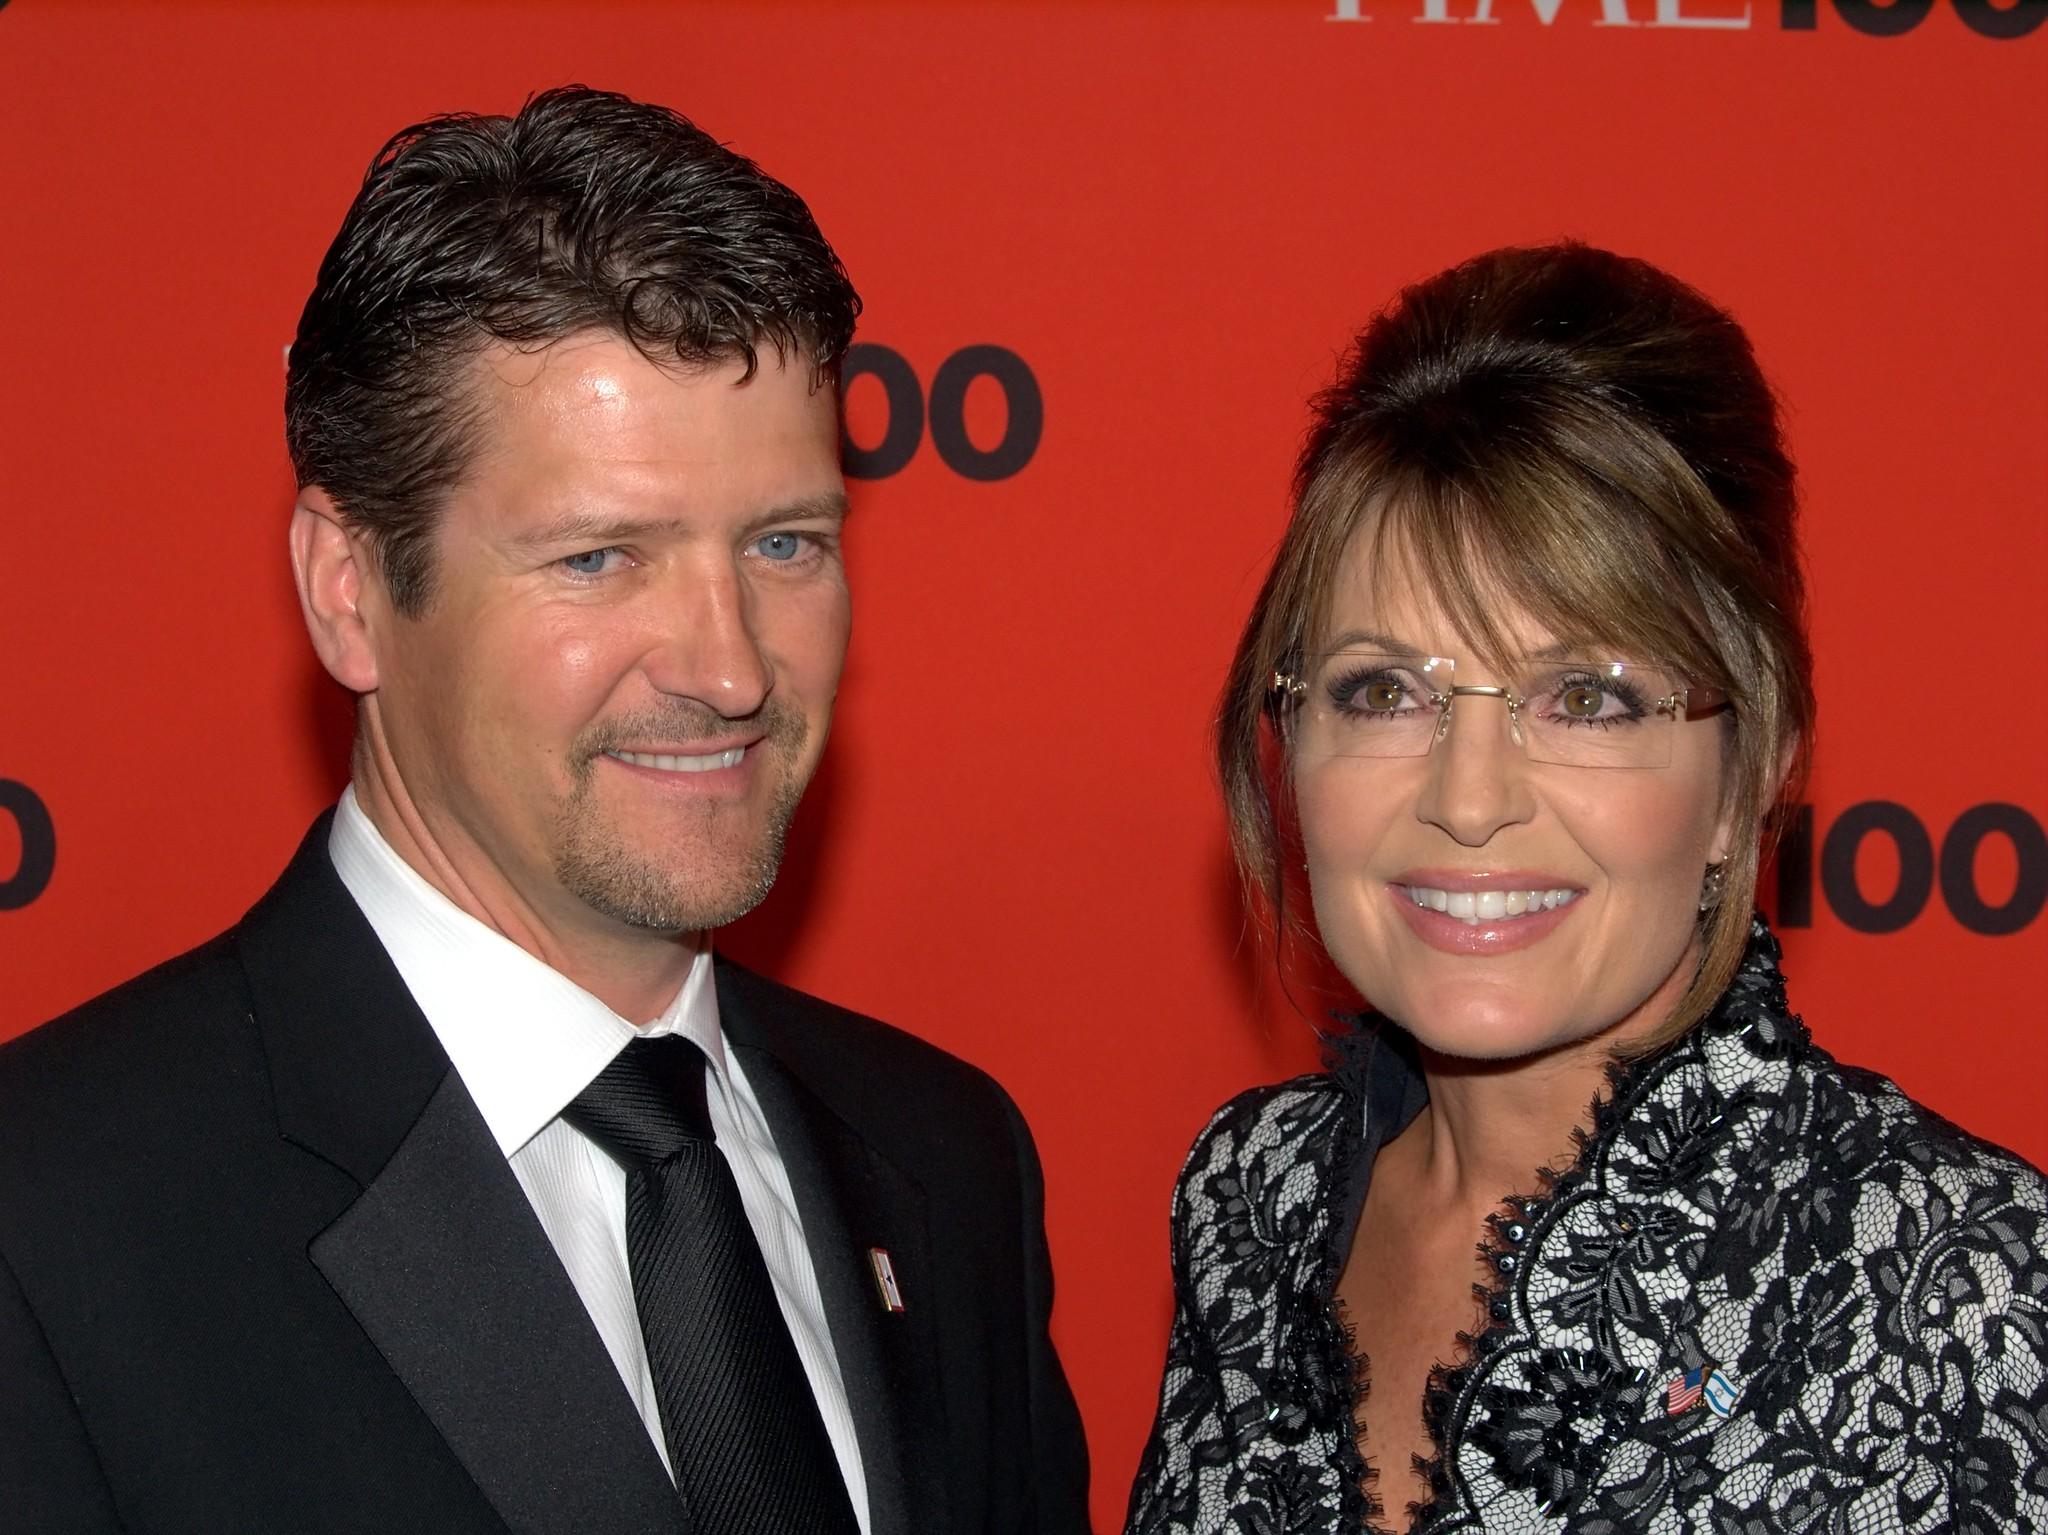 Sarah Palin Photos 2021